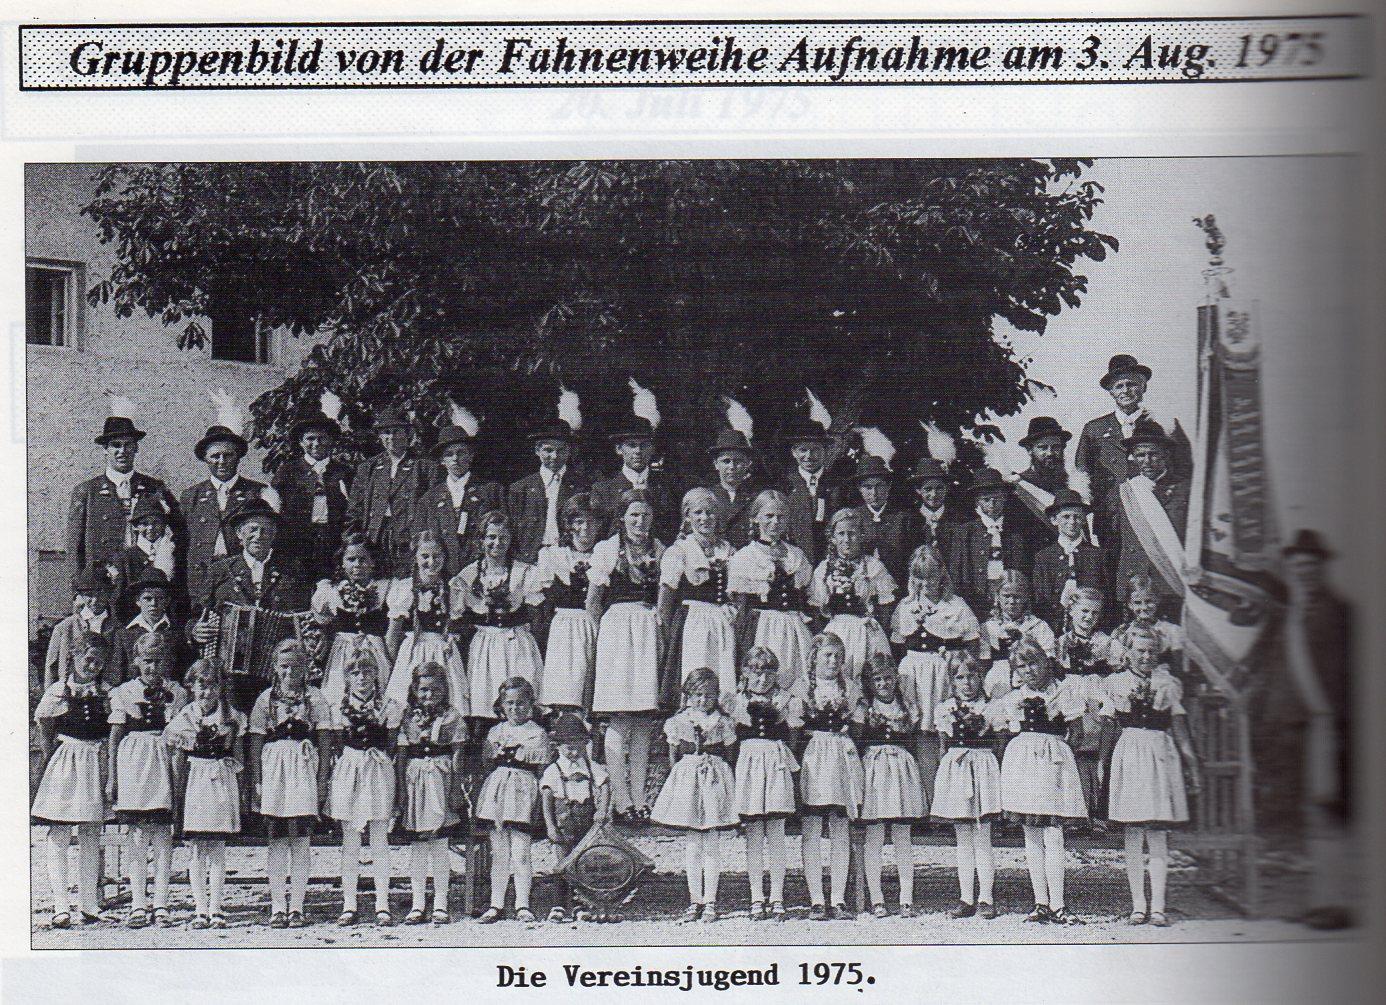 Vereinsjugend 1975